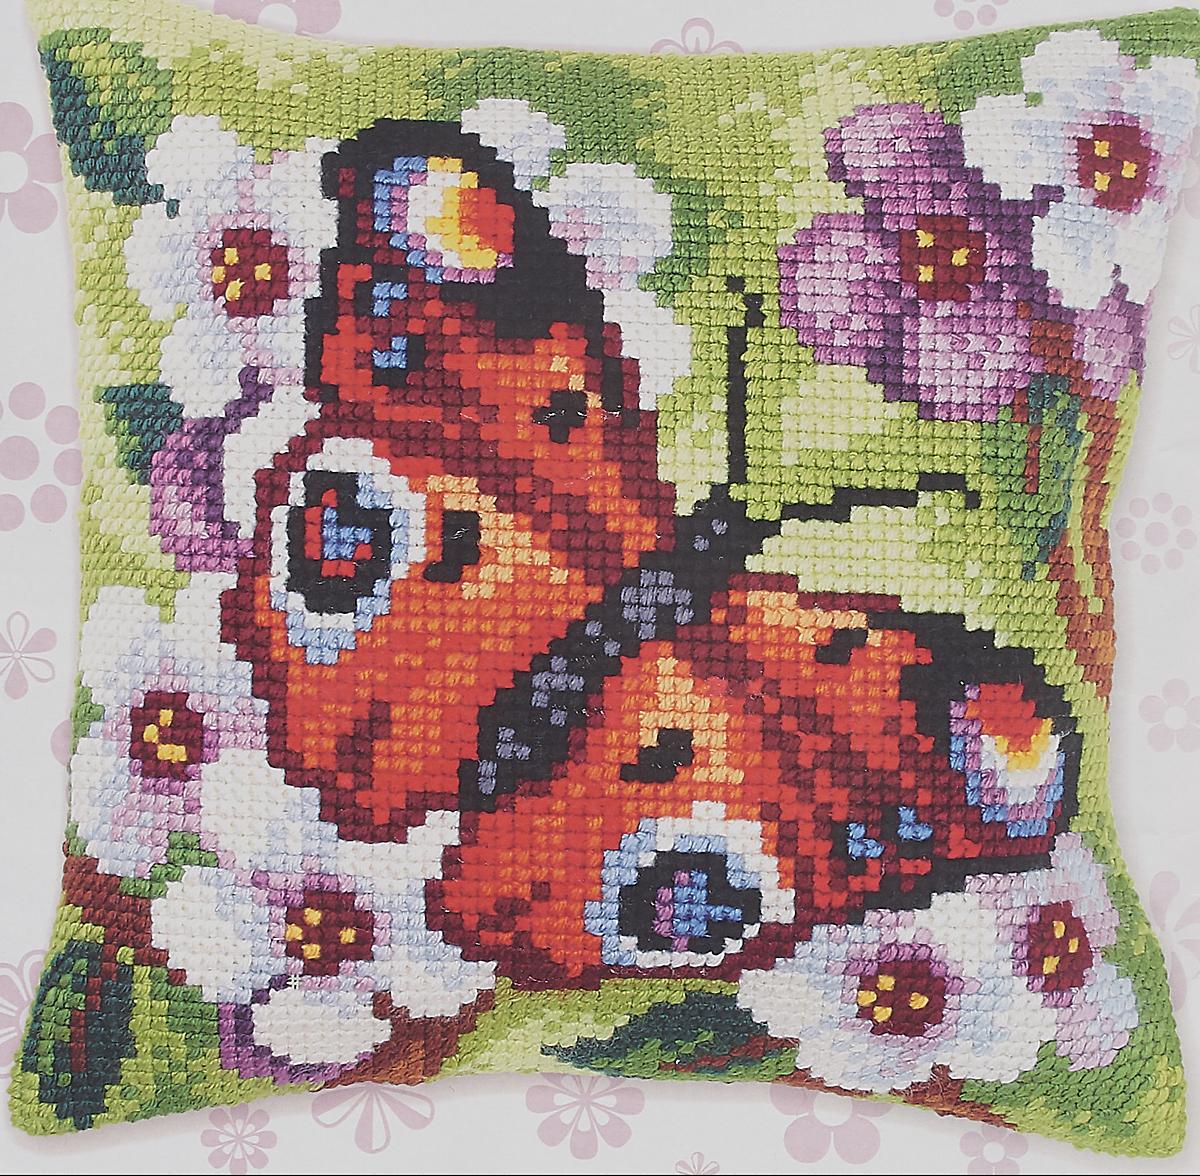 цены Набор для вышивания подушки полным крестом Orchidea, 9379, разноцветный, 40 х 40 см